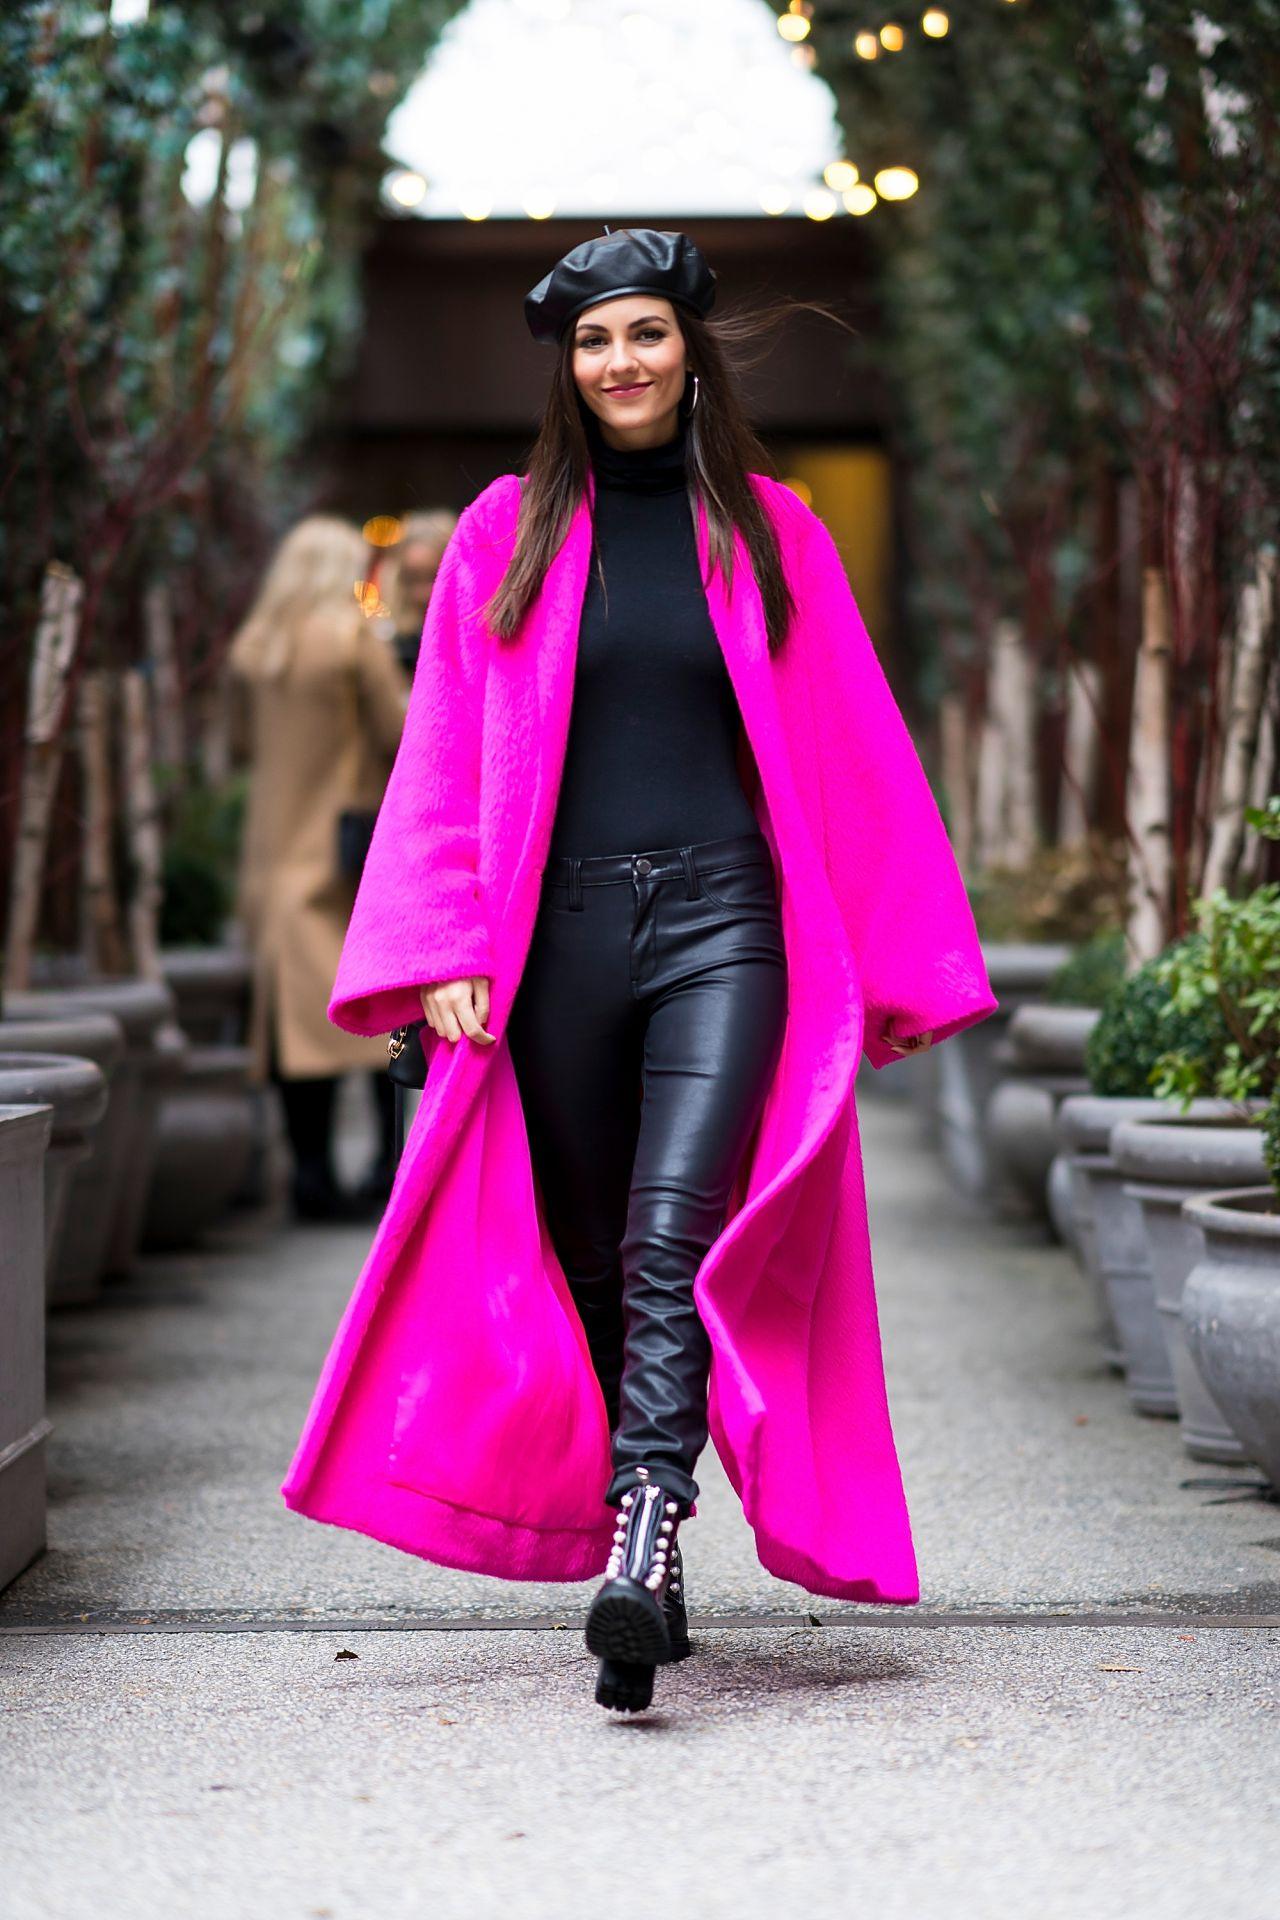 Victoria Justice Fashion Style